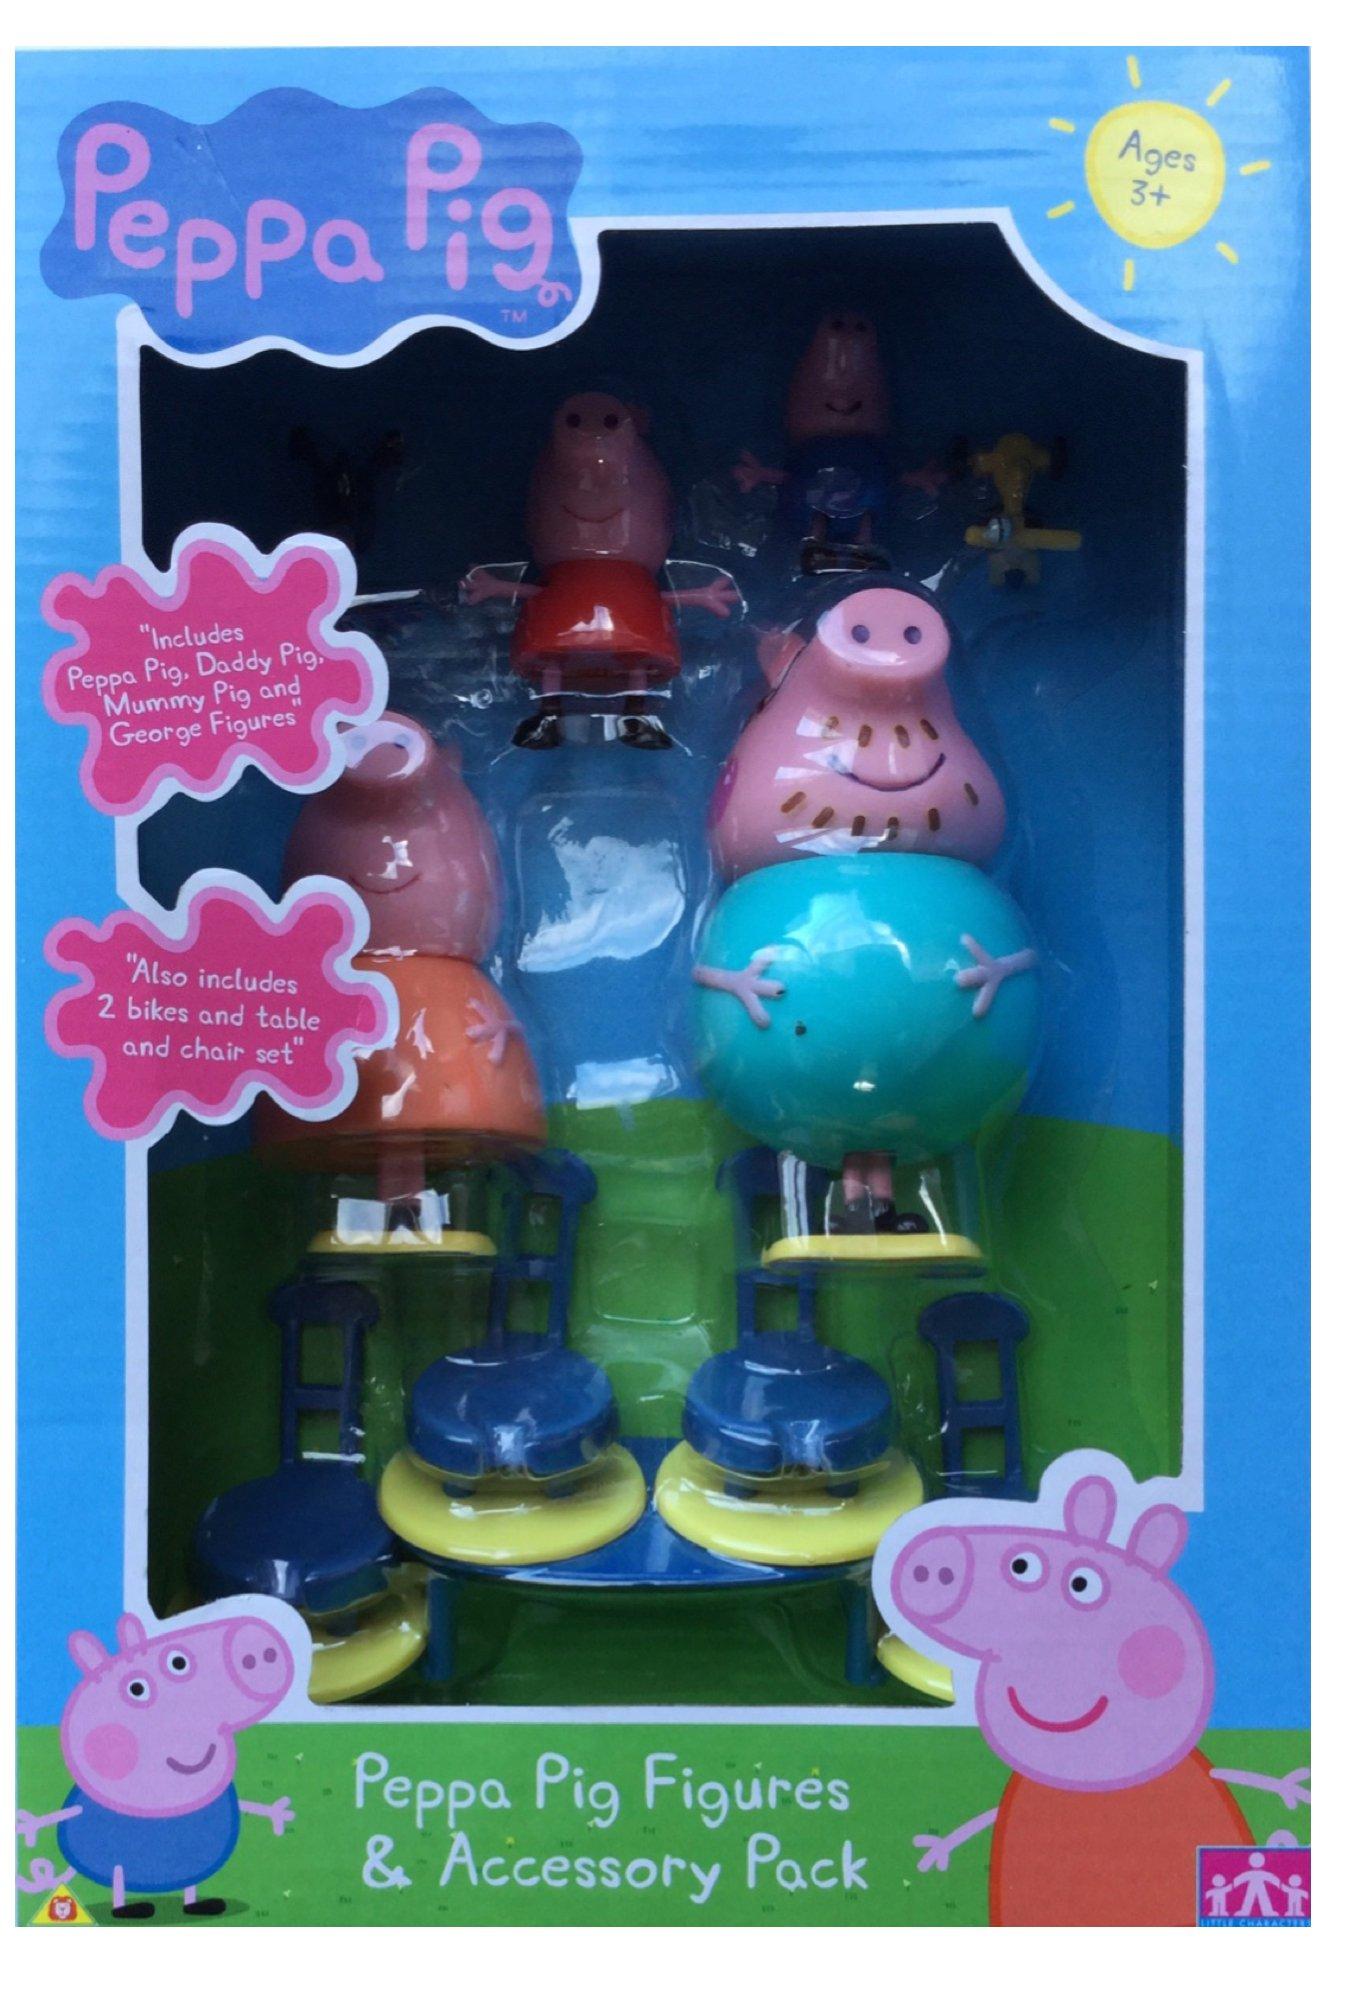 Figuras Peppa Pig Funtime y Accesorios Paquete: Amazon.es: Electrónica